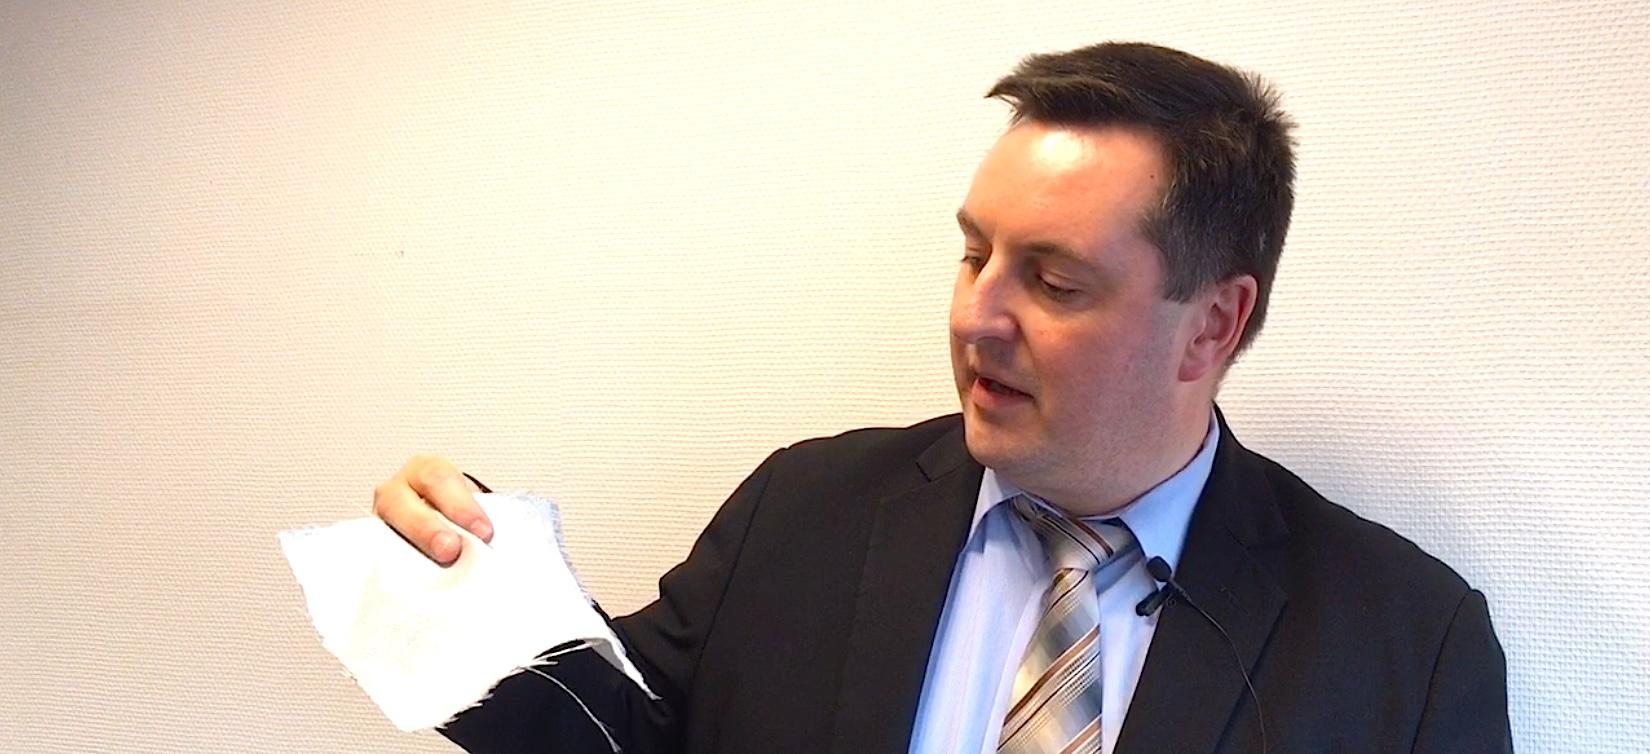 Pr Patrick Masset, CEO de Thermallium.